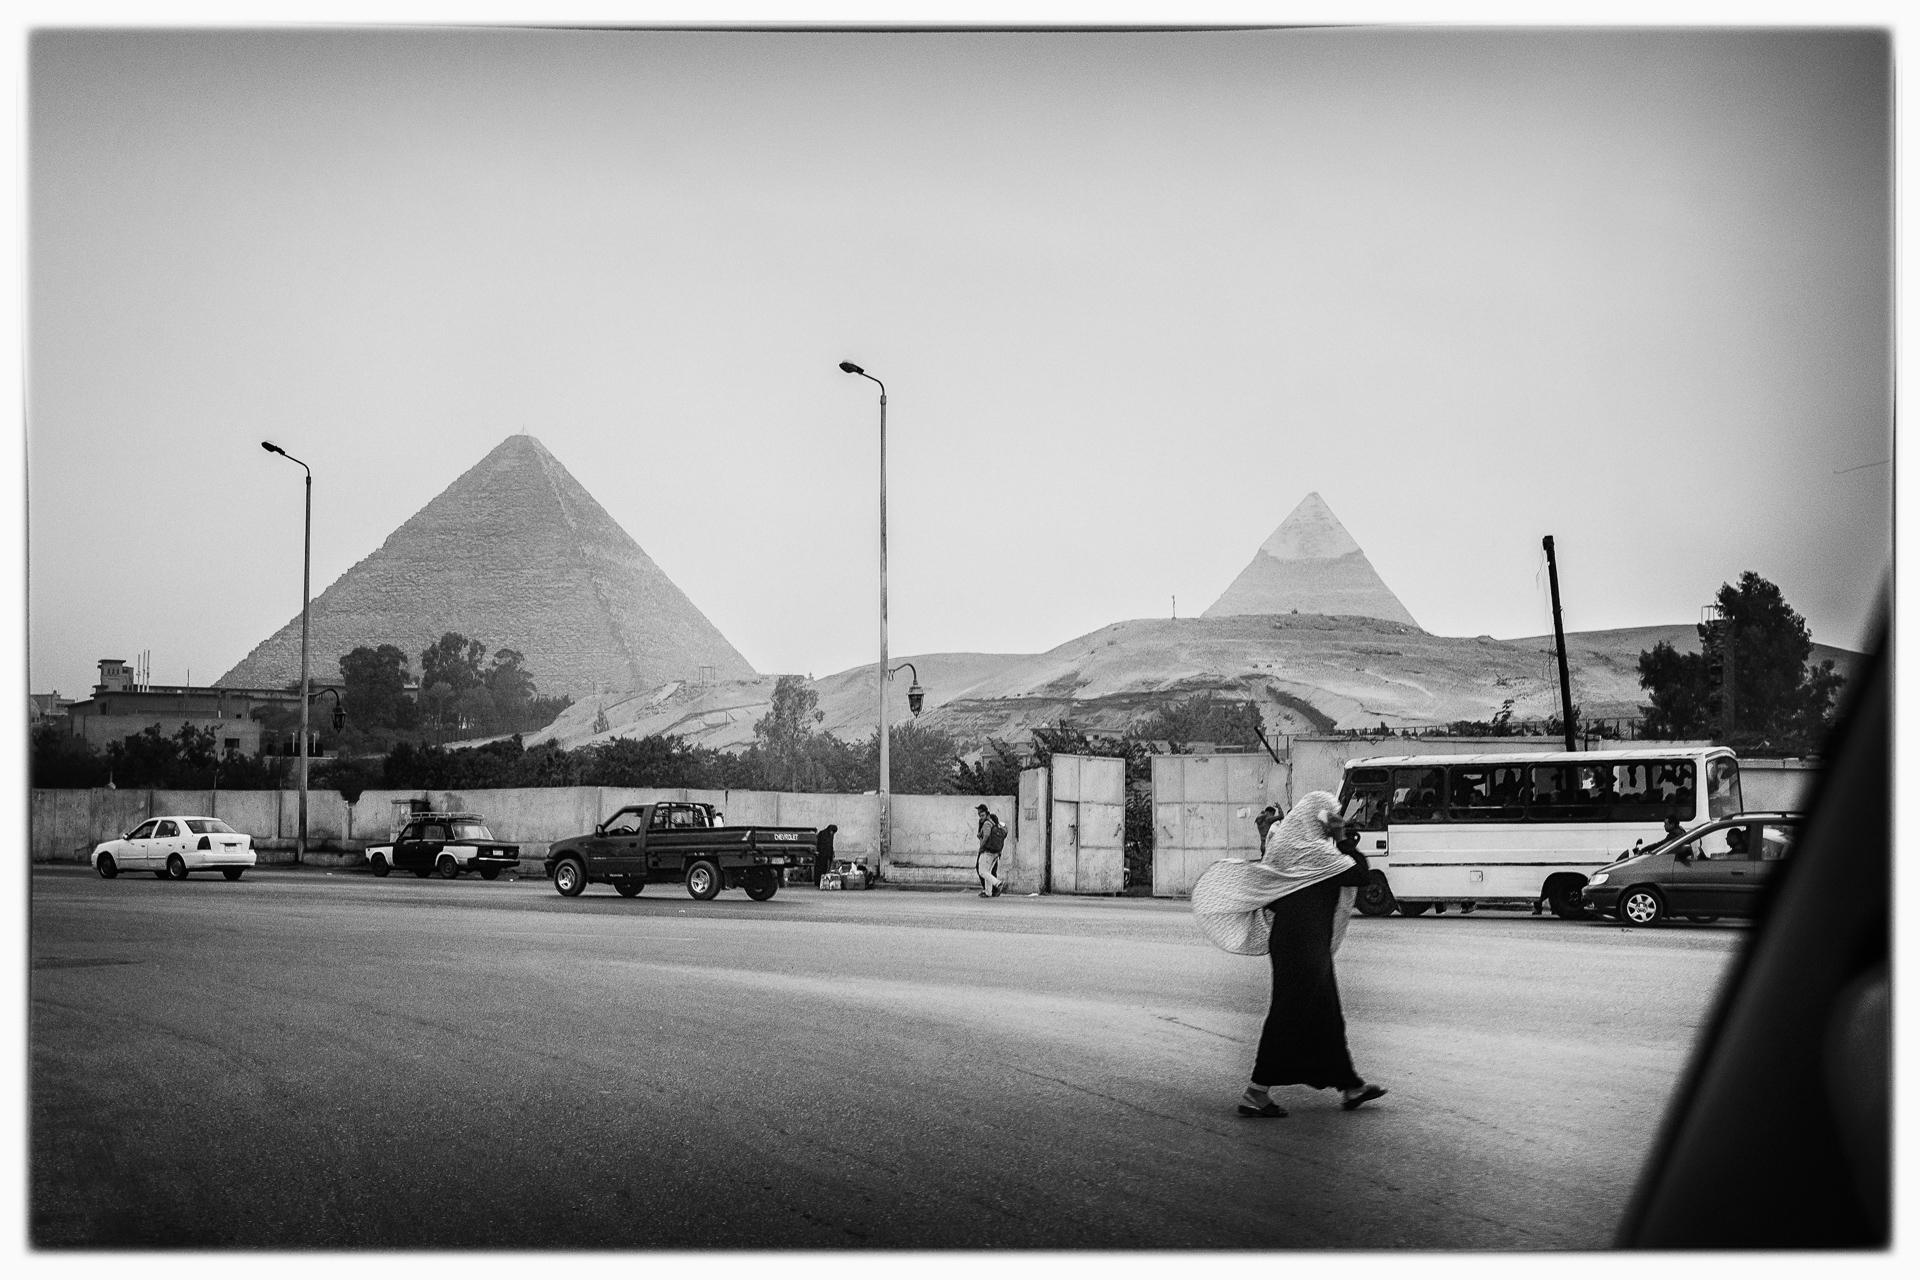 Egypt Life-25-2018-12-02